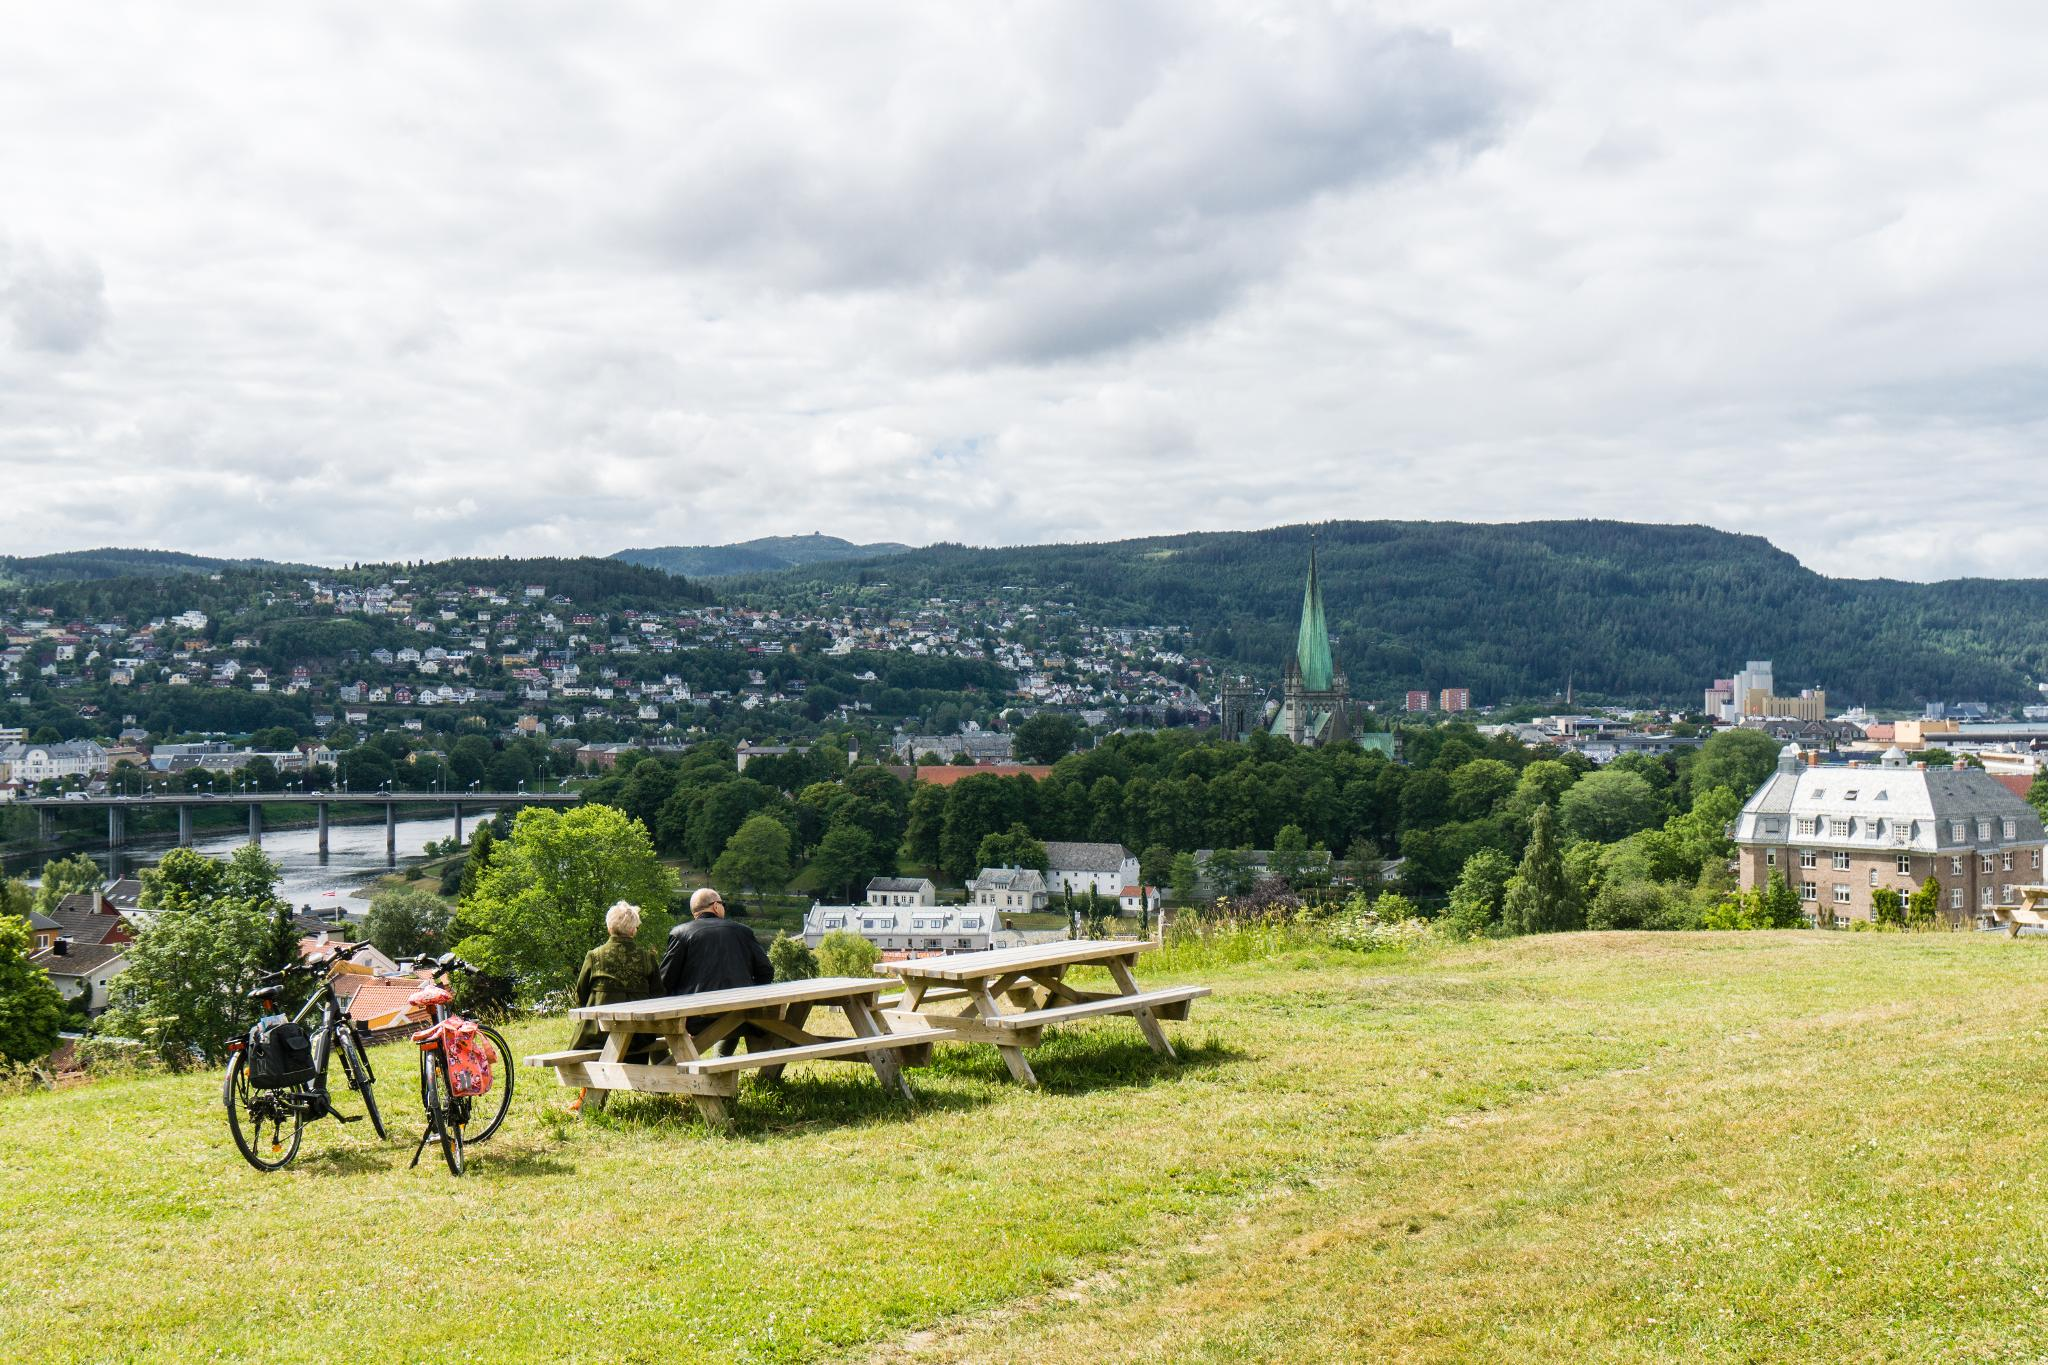 【北歐景點】拜訪維京王的千年古城 - Trondheim 特隆赫姆景點懶人包 8